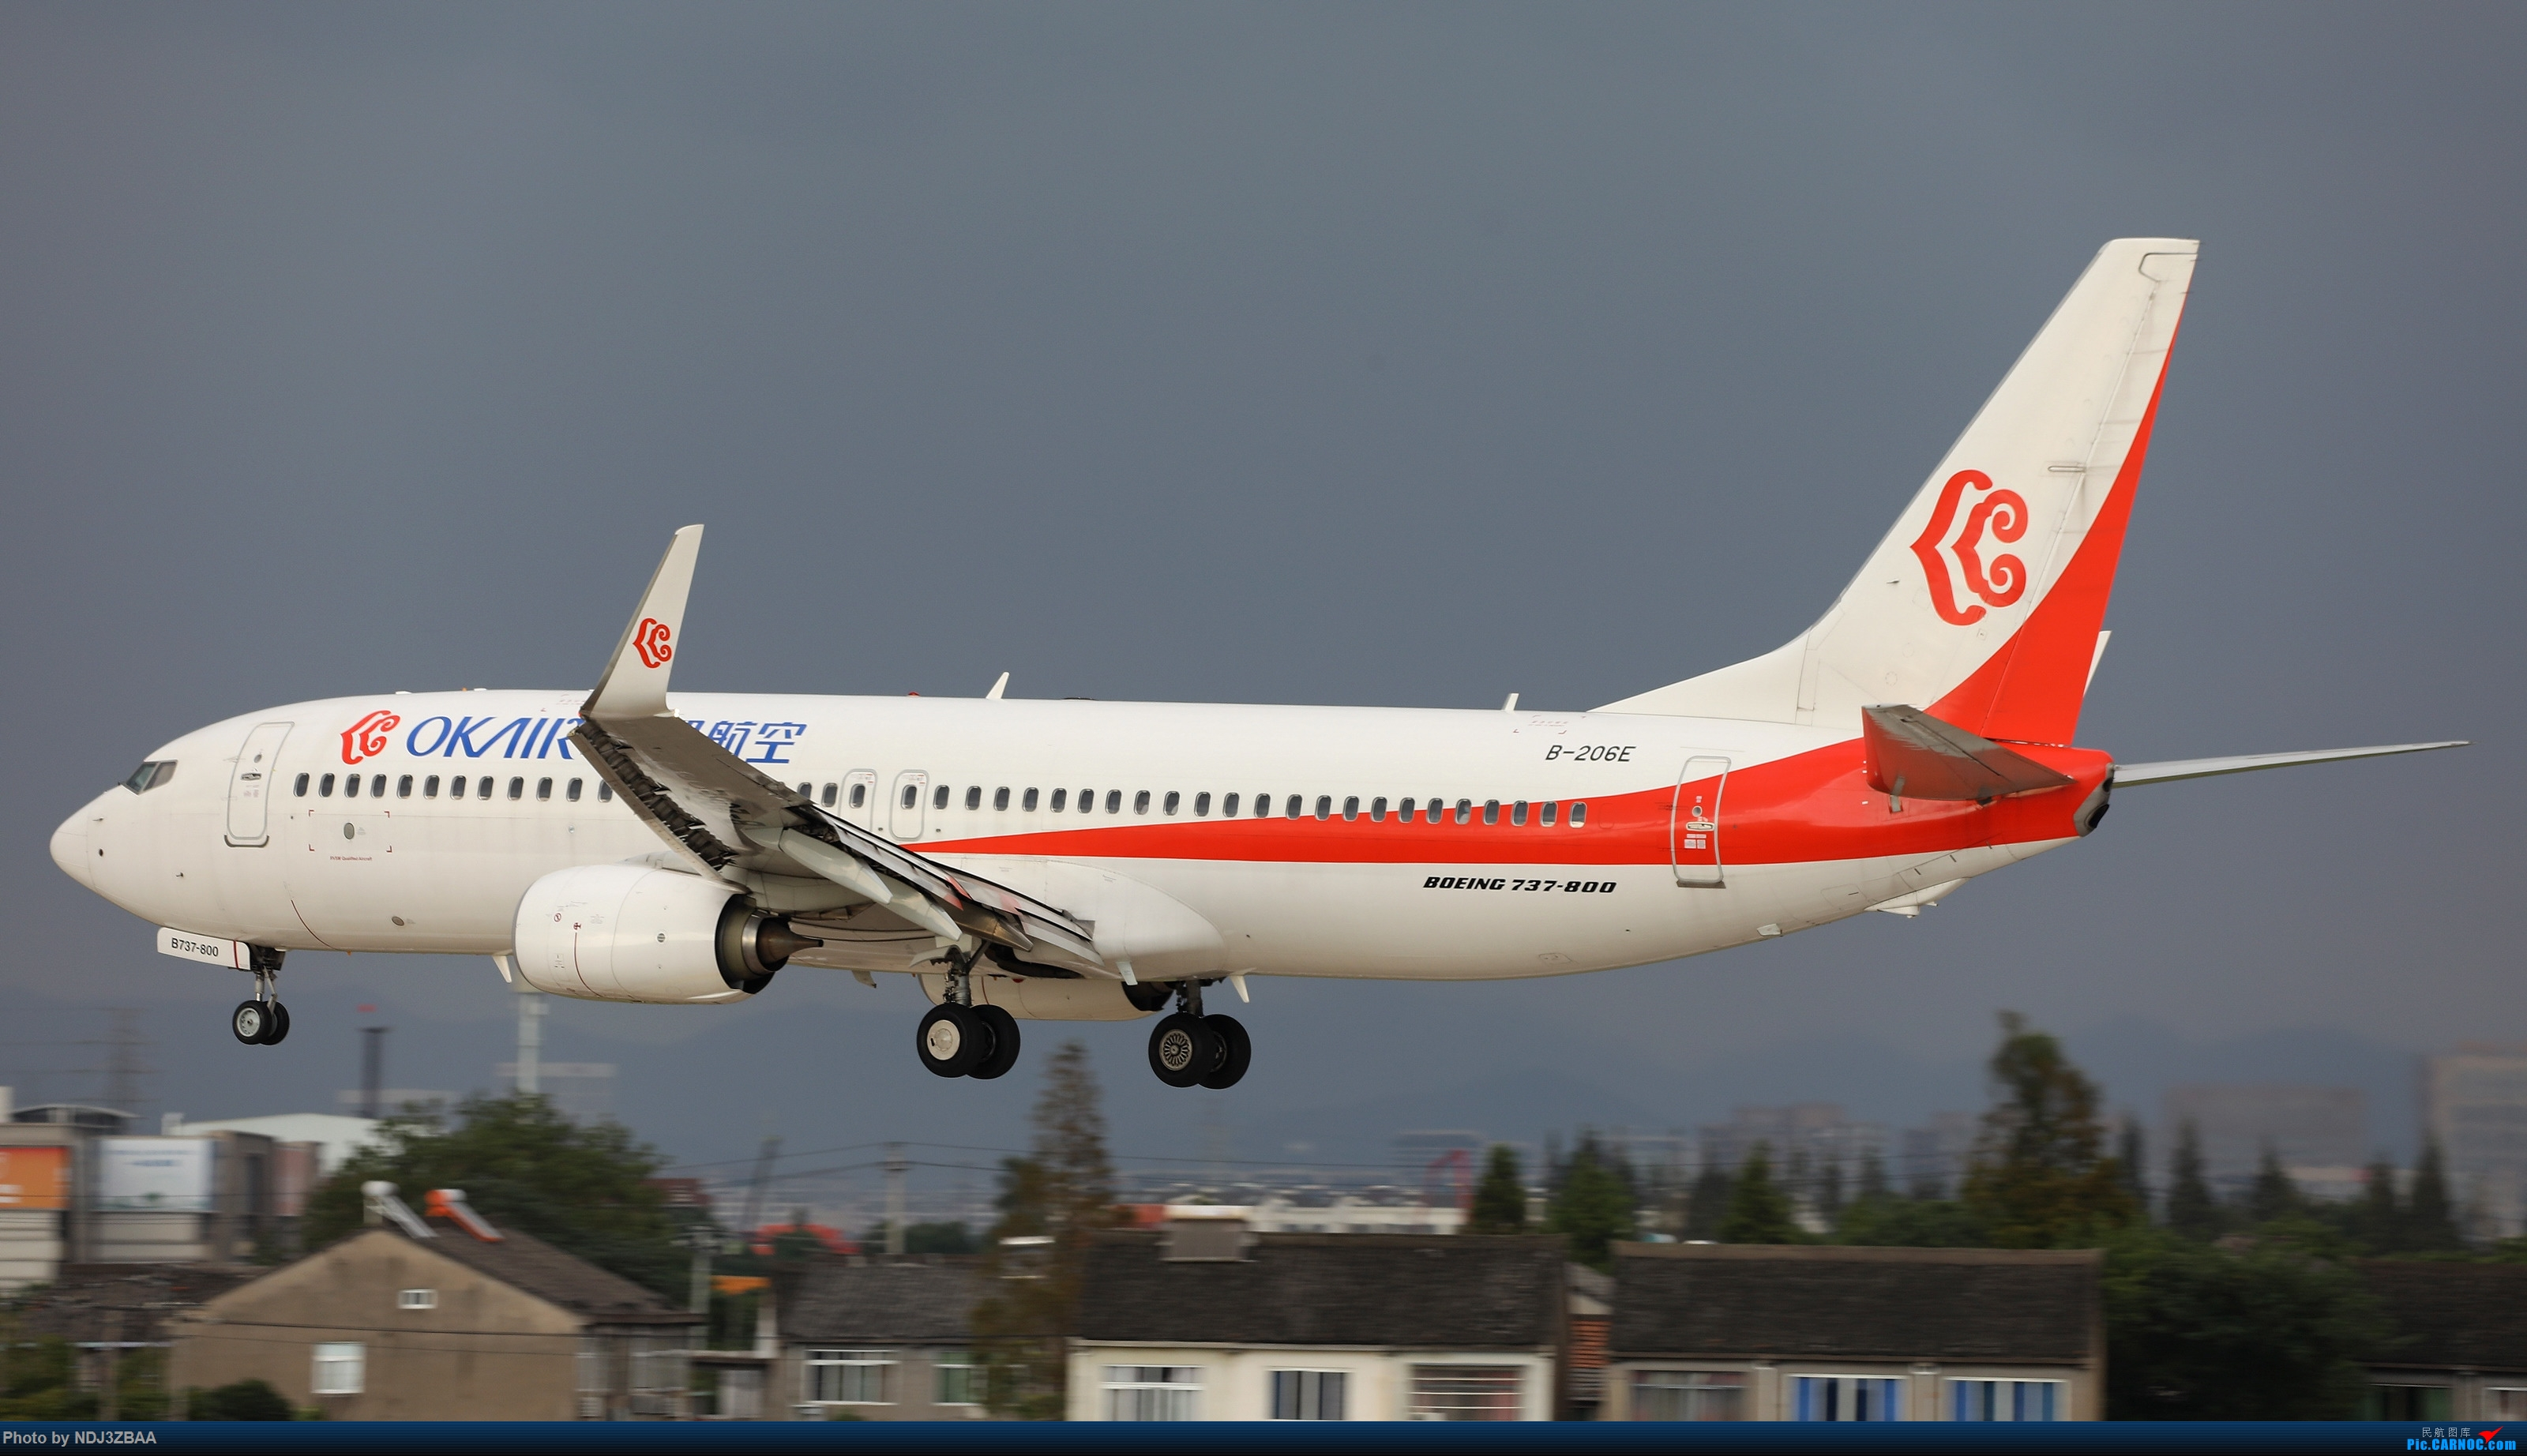 在雷阵雨降临之前,奥凯航空737降落在宁波栎社国际机场 BOEING 737-800 B-206E 中国宁波栎社国际机场